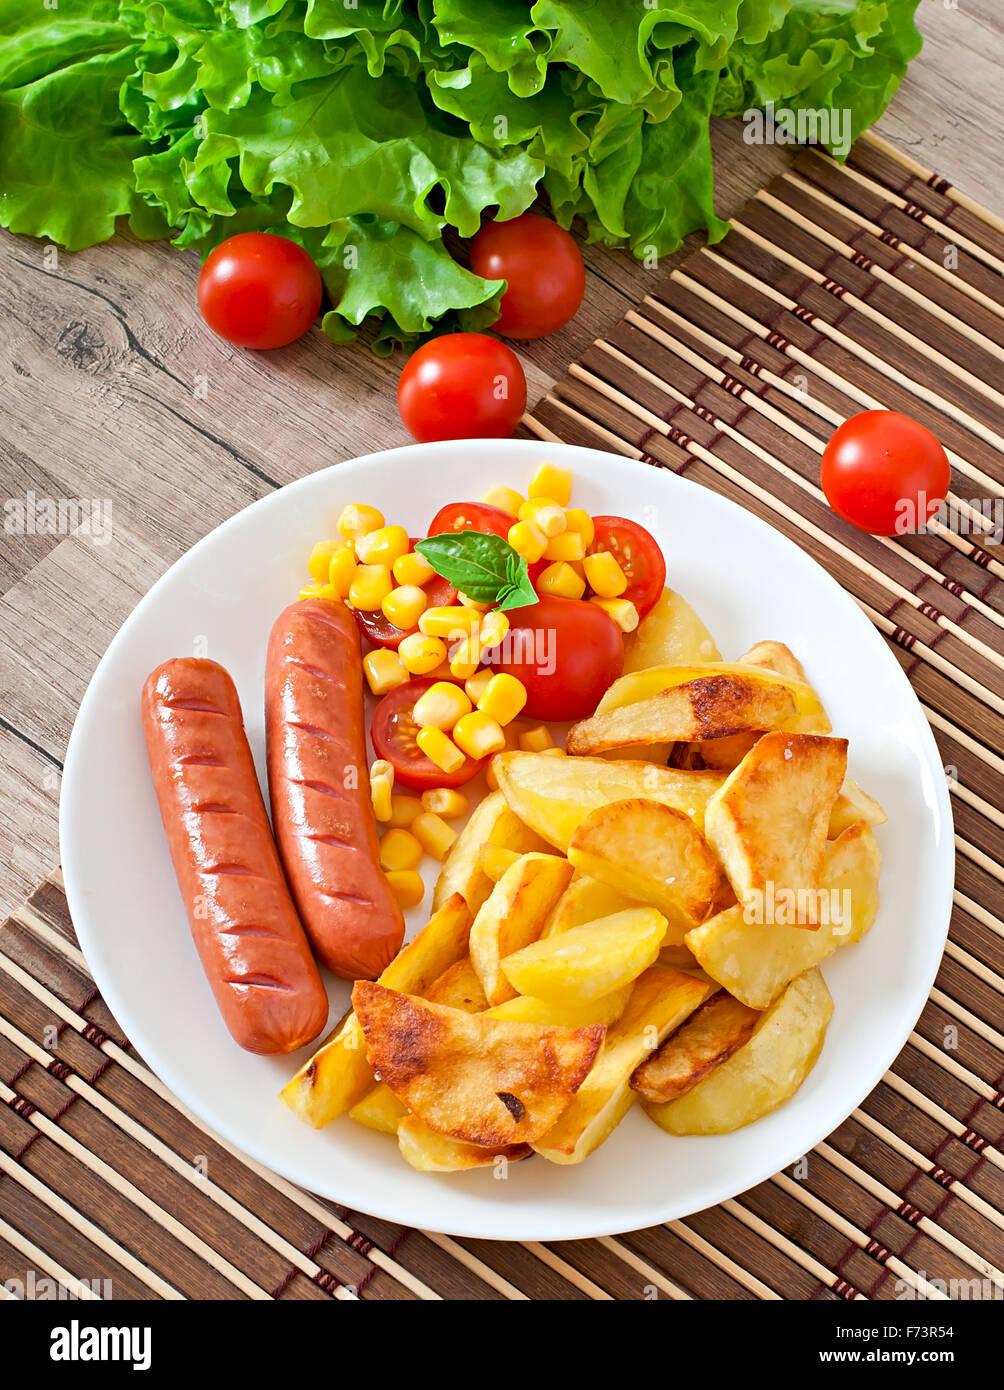 Saucisse avec des pommes de terre sautées et des légumes sur une plaque Photo Stock